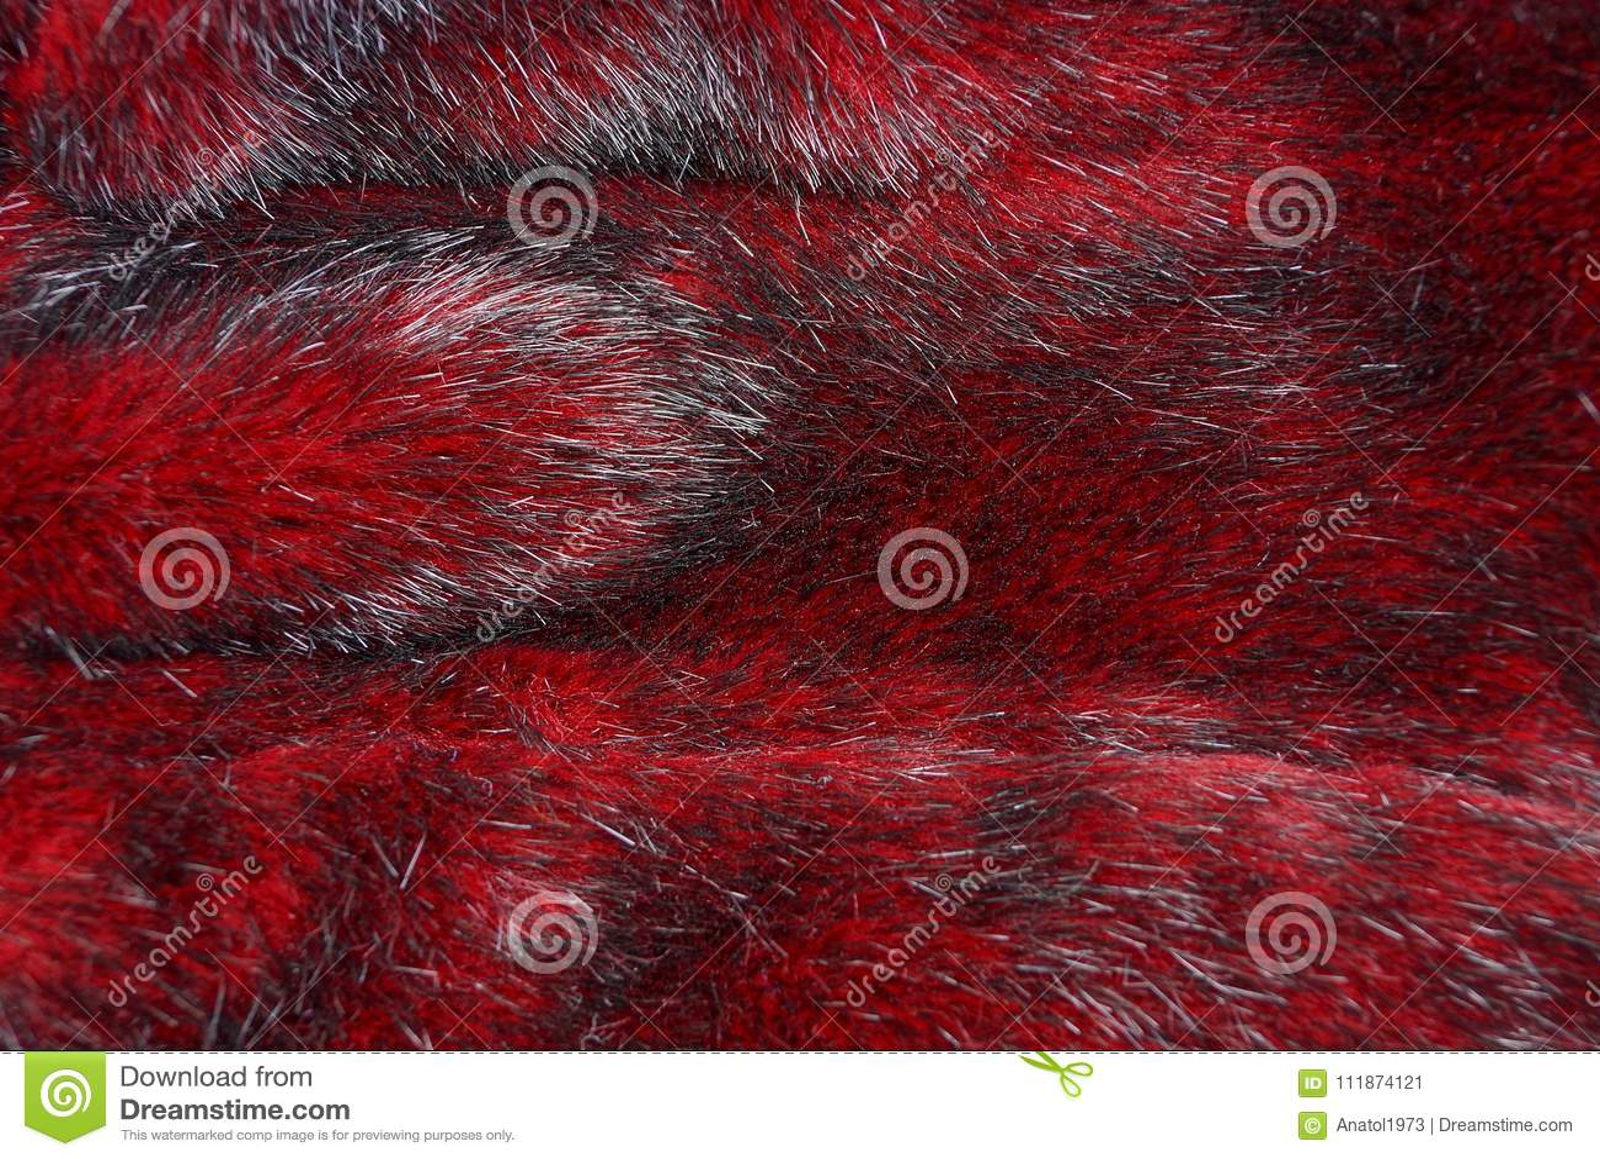 Textuur van rood bont op een stuk van kleding